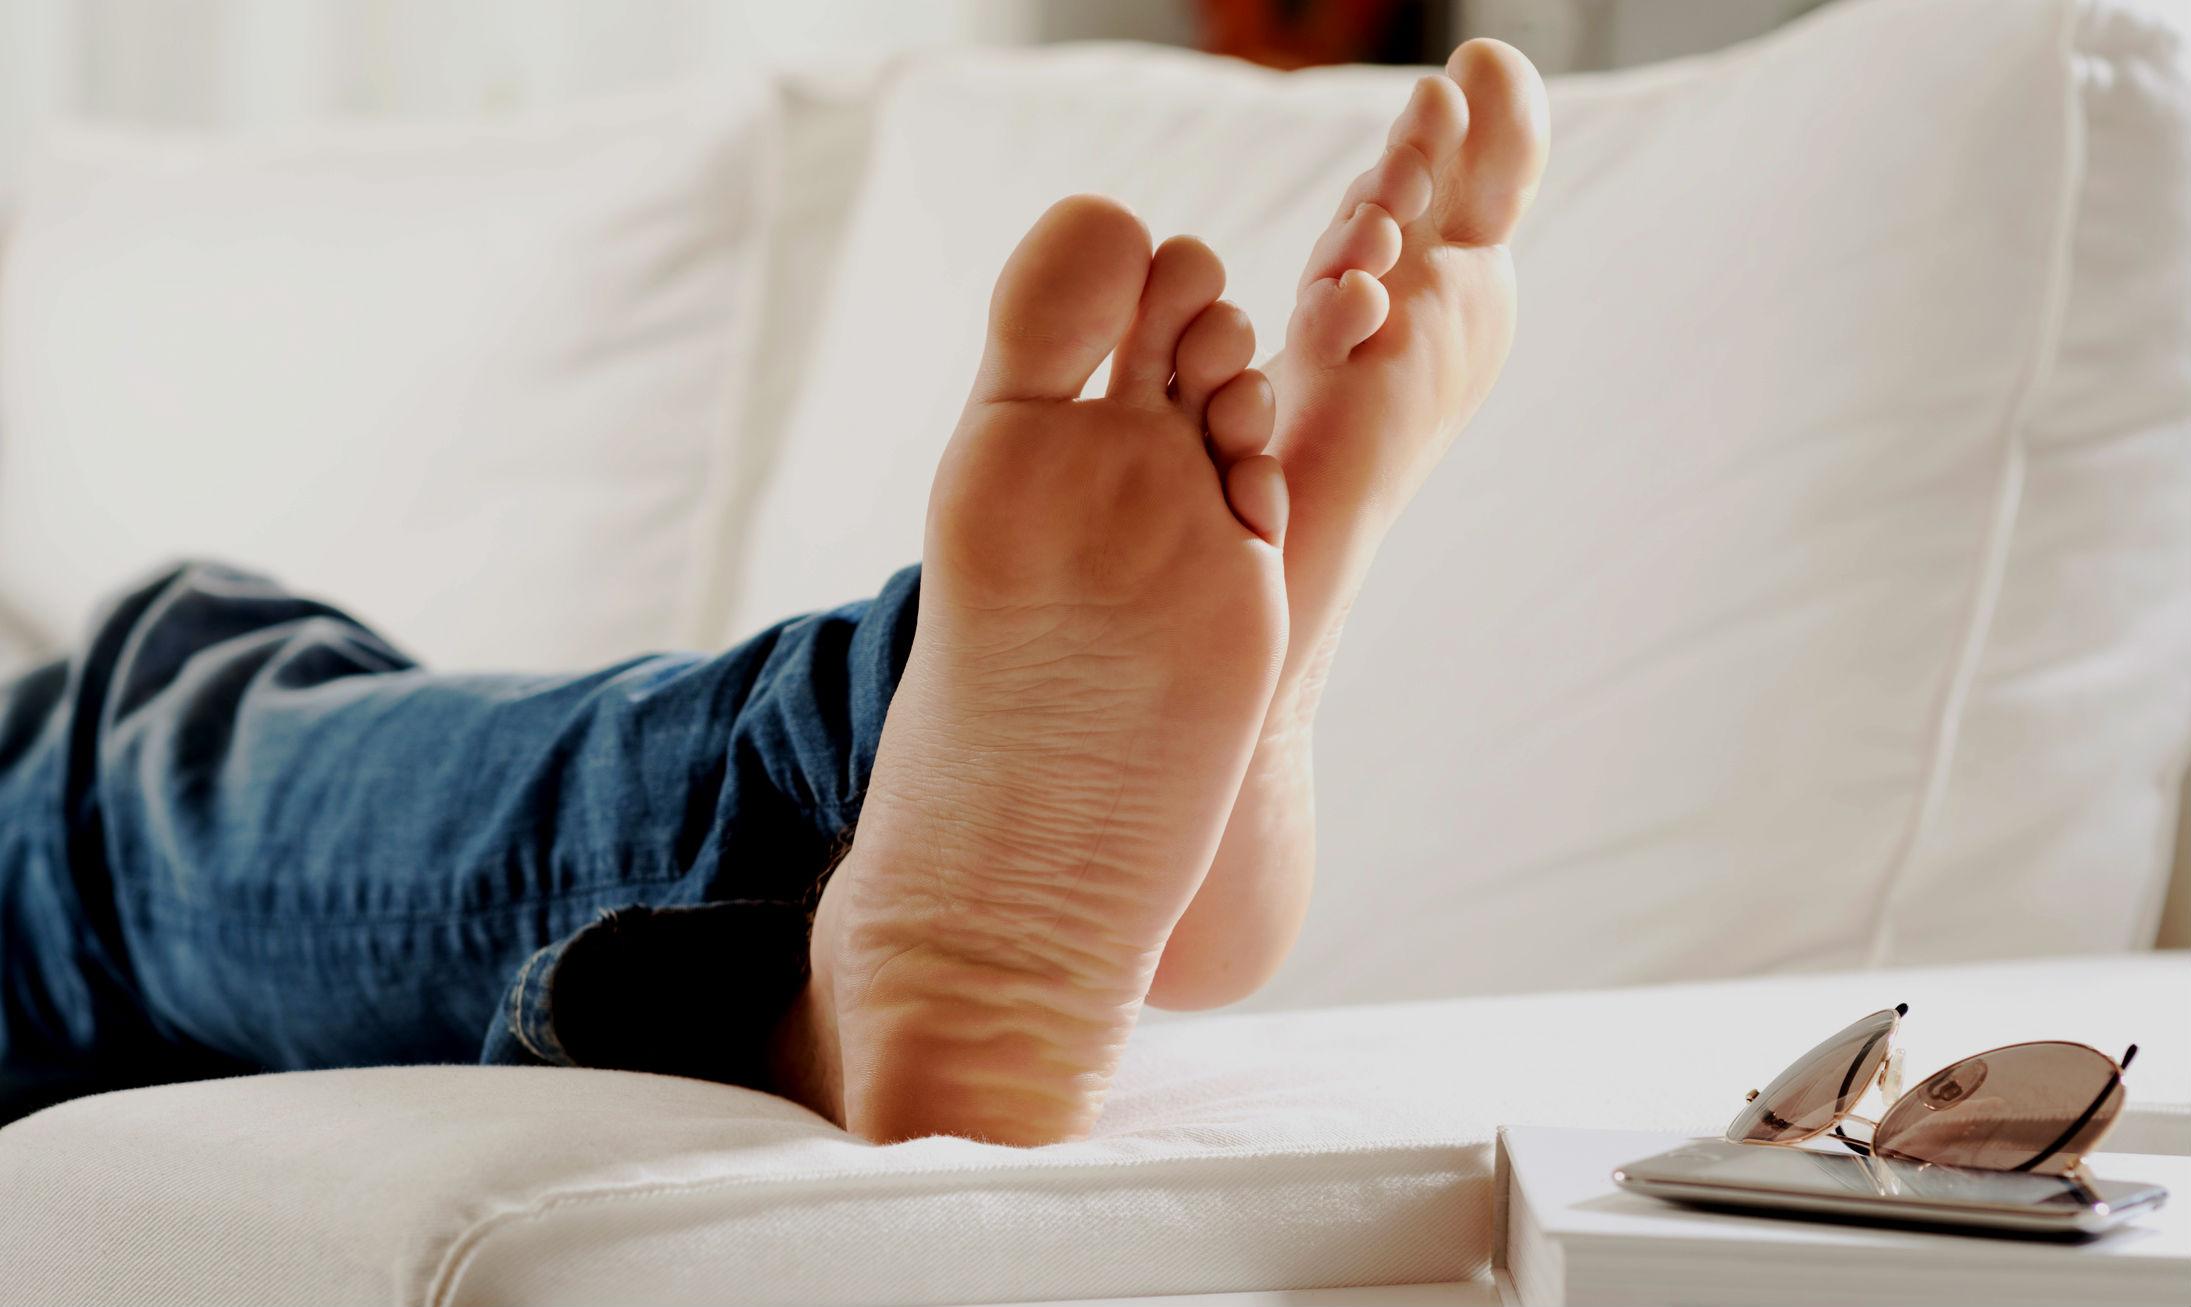 Cuidados com pés masculinos - pé de homem - chulé - frieira - Homem No Espelho